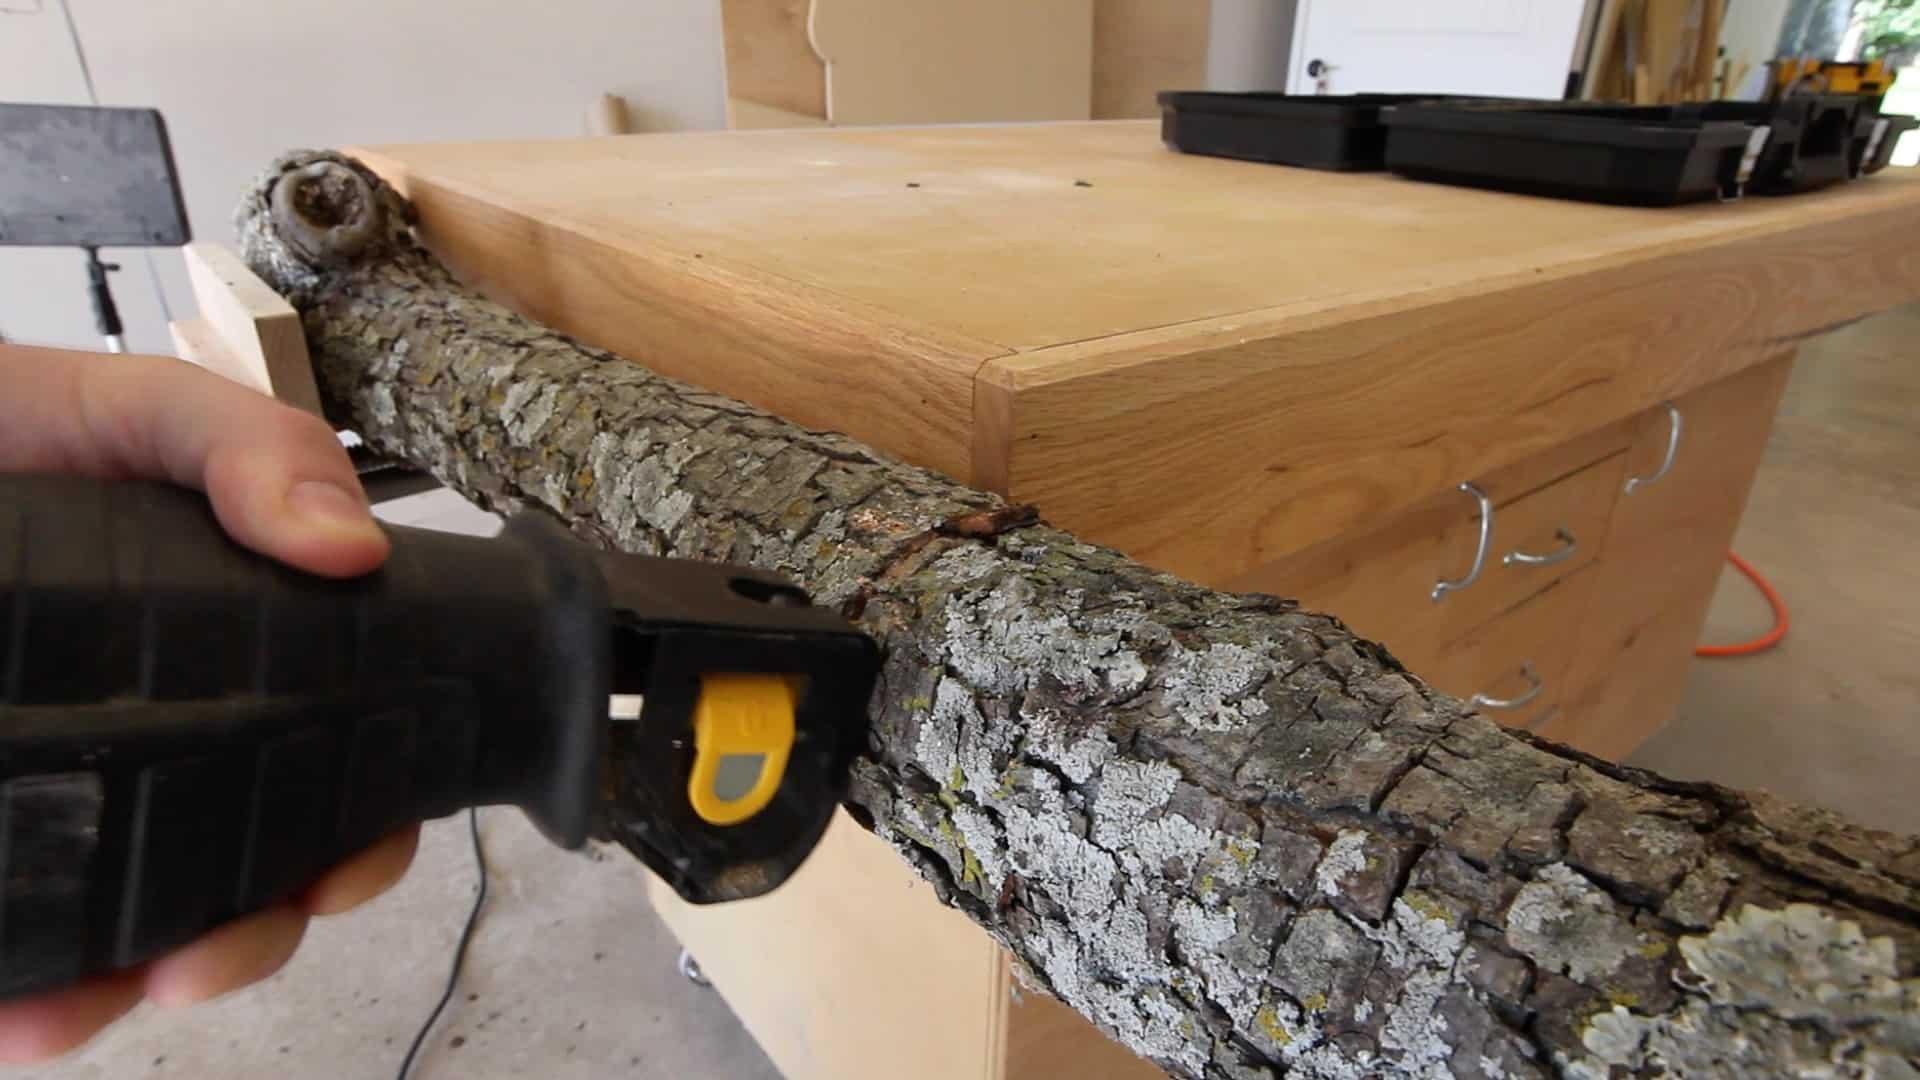 Cutting A Log : Cutting a log on band saw the geek pub